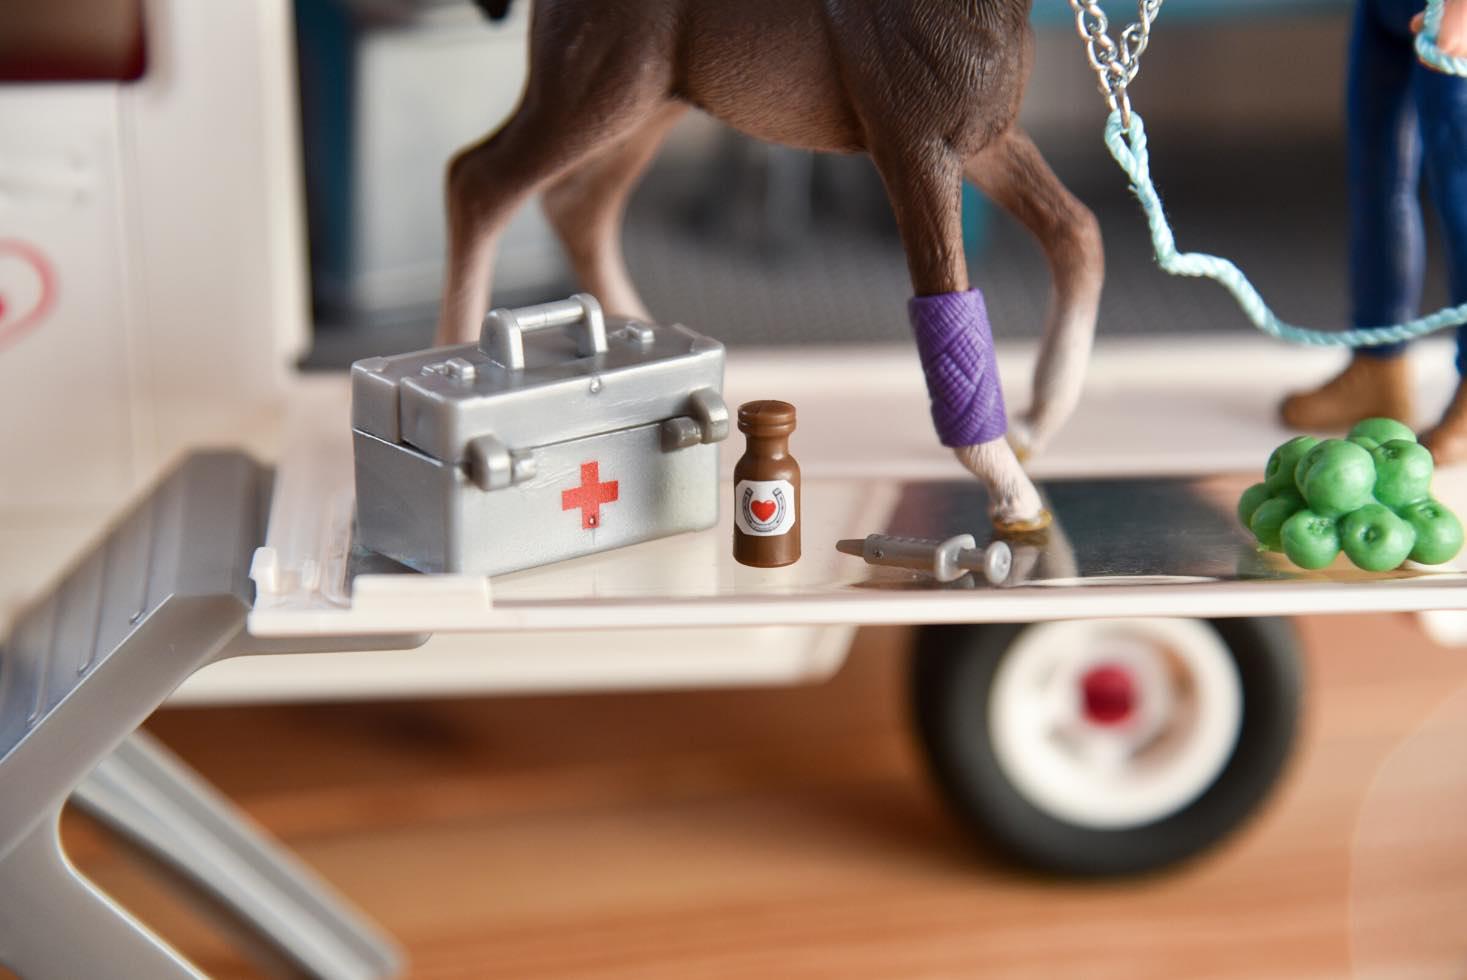 Mobile Tierärztin Schleich Zubehör: Arztkoffer mit Stethoskop, Medikamentenflasche, Spritze und Haftbandage. Auch als Stallapotheke von Schleich einzeln erhältlich.